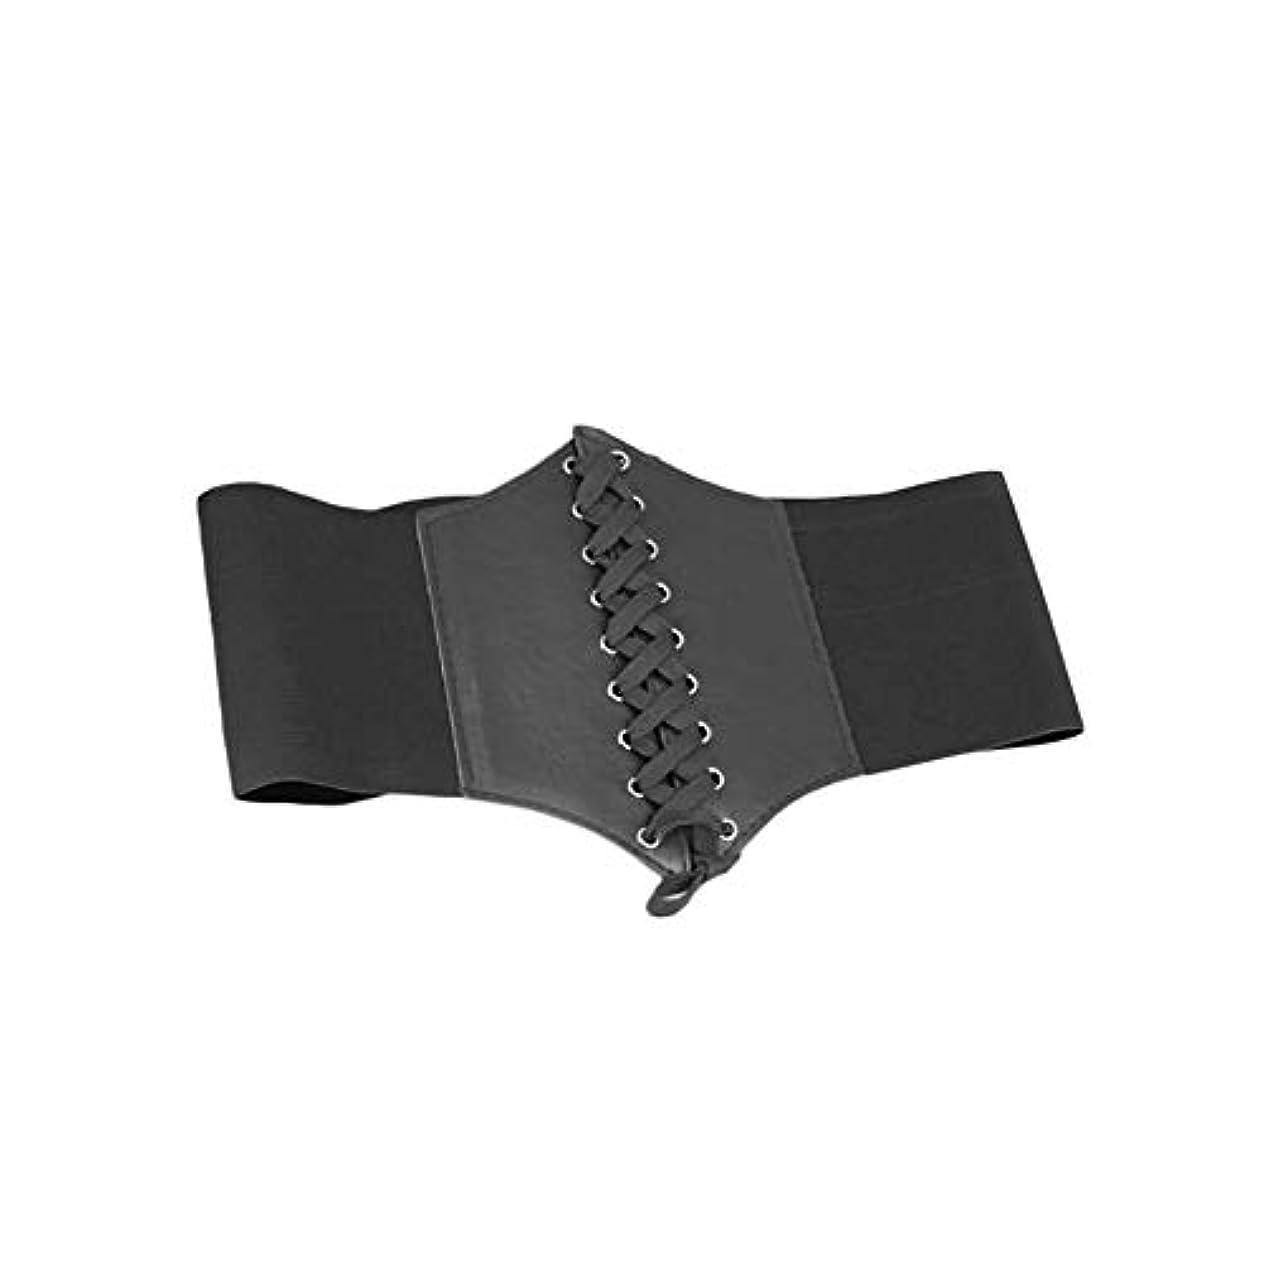 背骨量マート女性ヴィンテージソリッドベルトウエストニッパーレースアップコルセット包帯ハイストレッチ調節可能なネクタイワイドウエストバンド用女性 - 黒